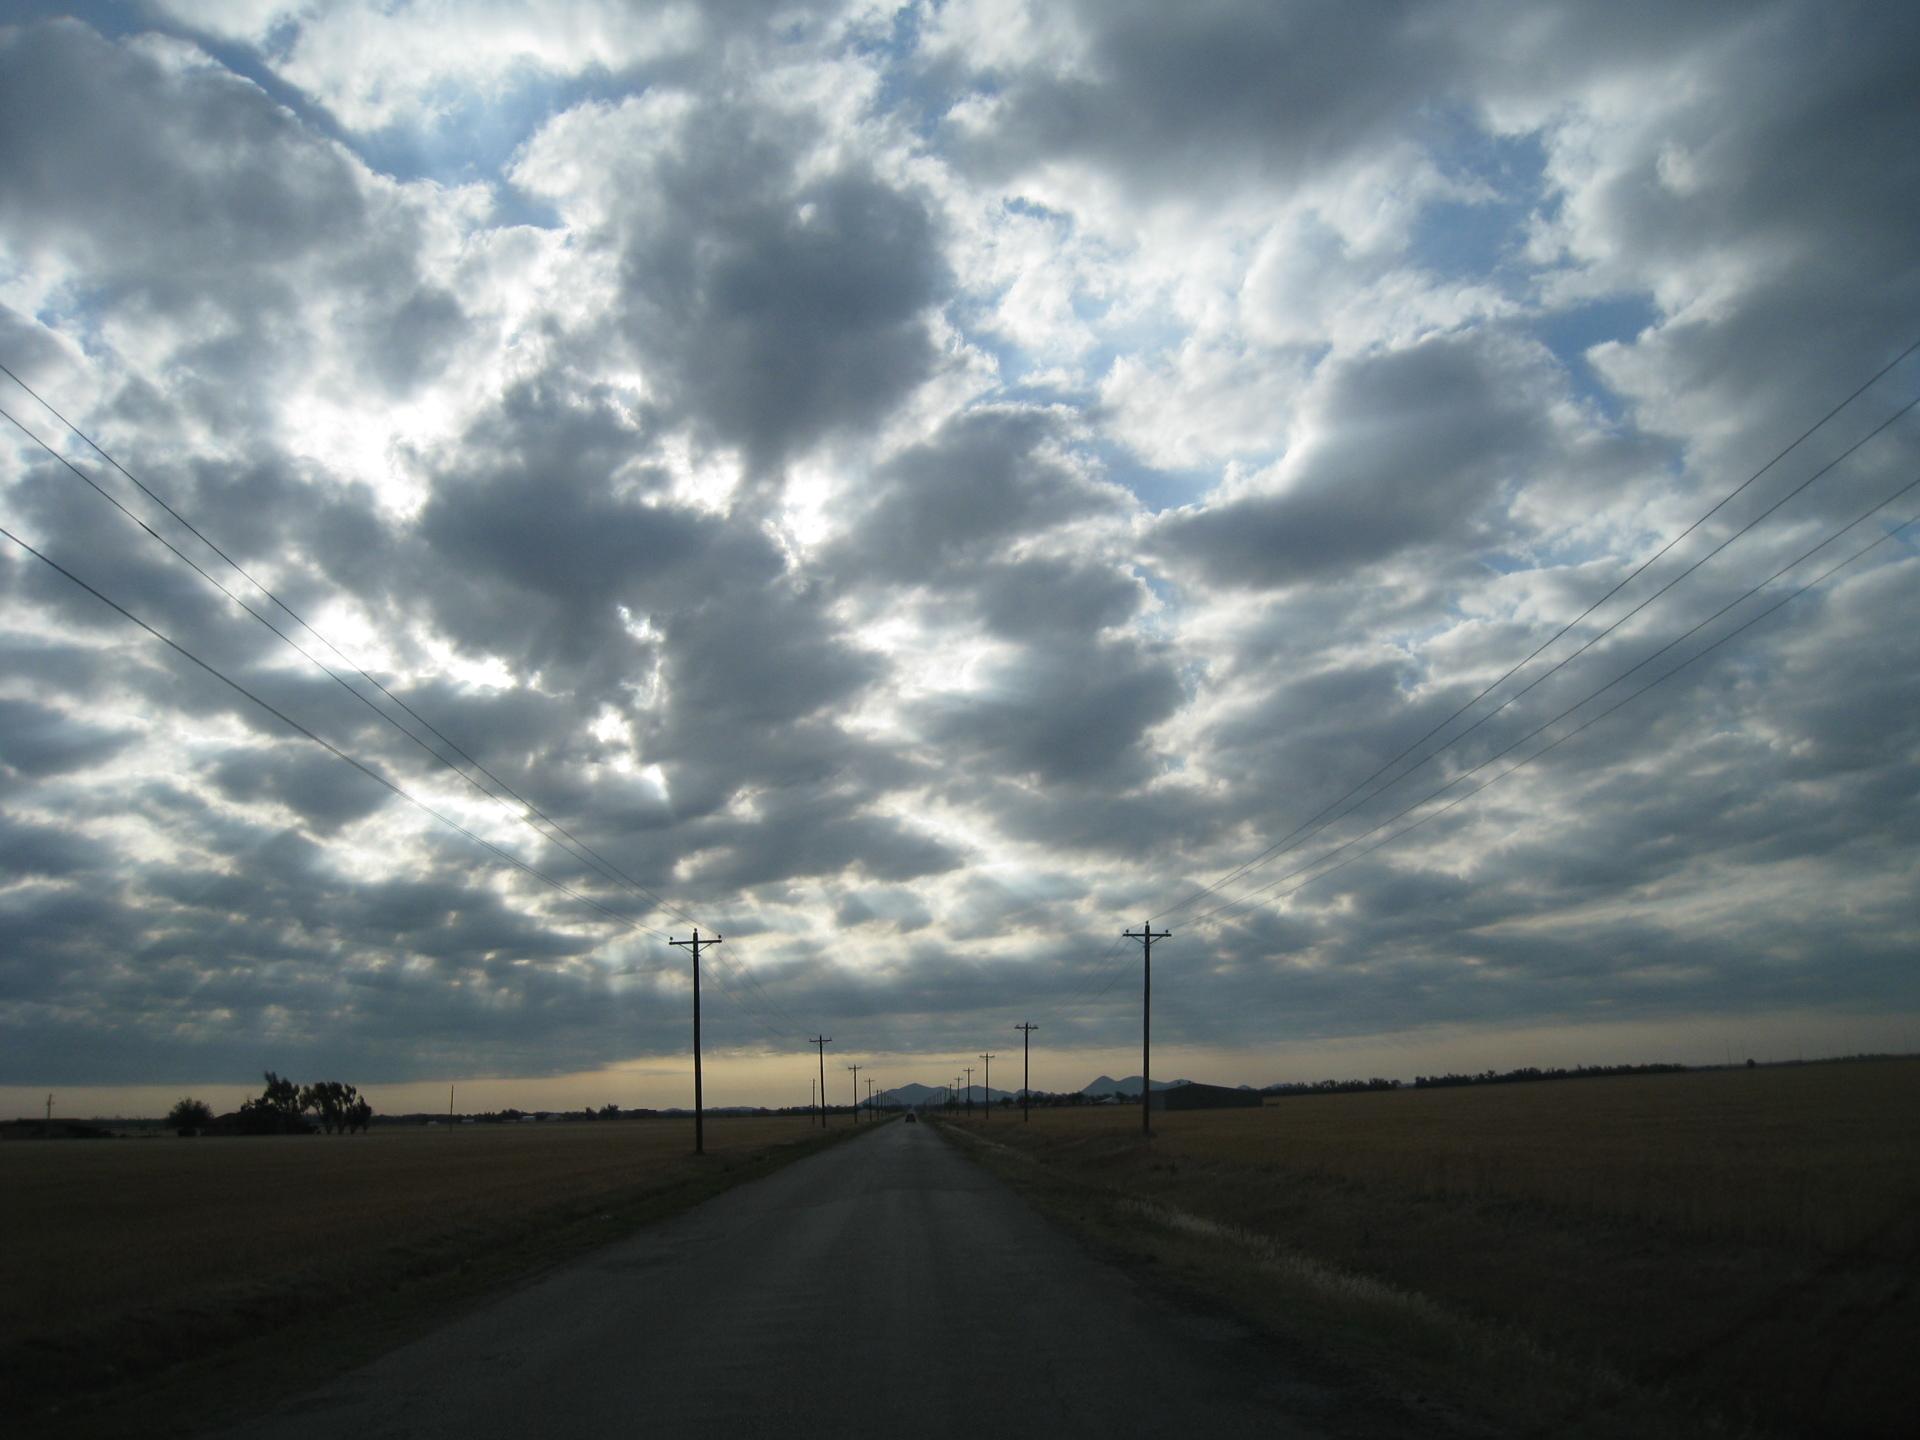 Oklahoma--February 2011